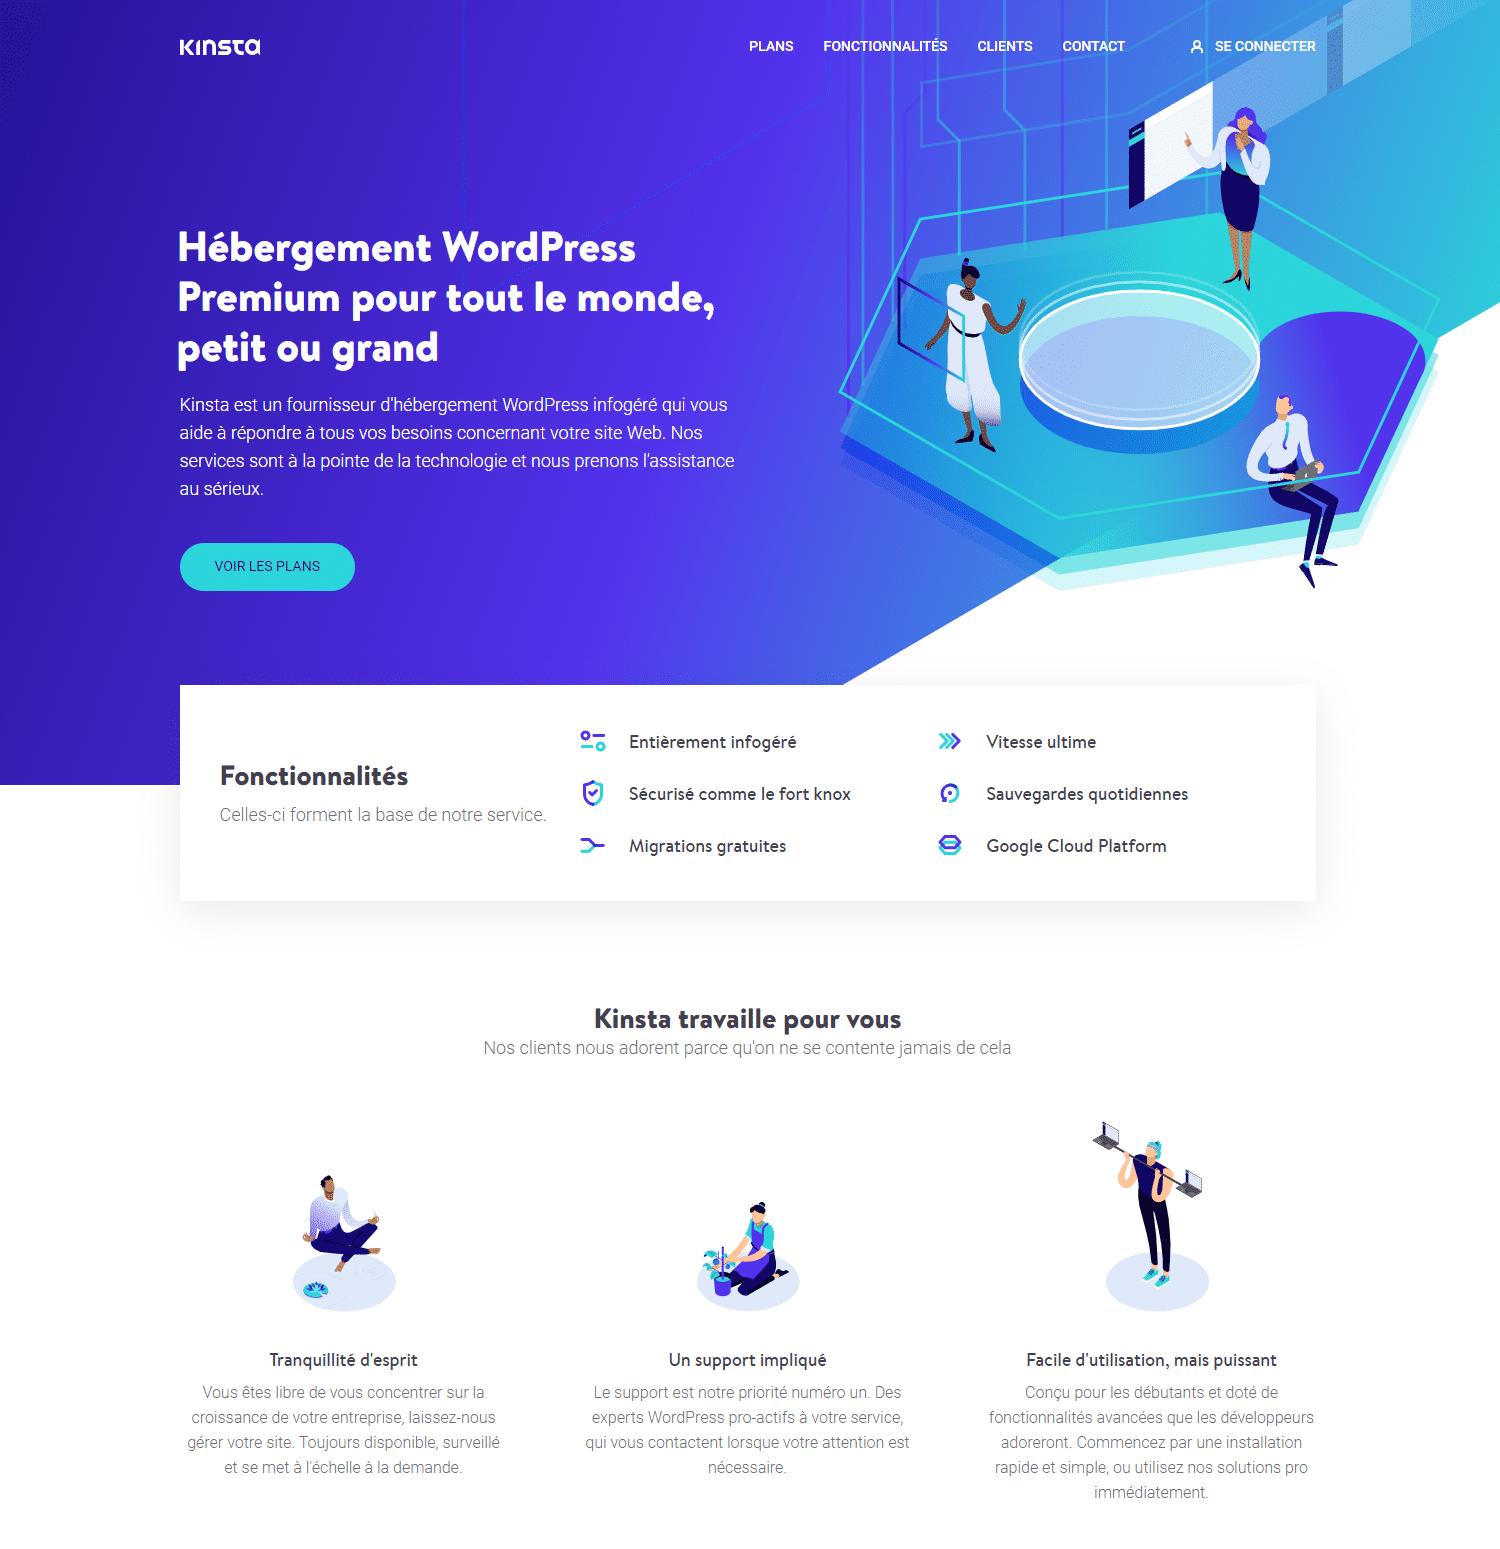 La page d'accueil du site de Kinsta France